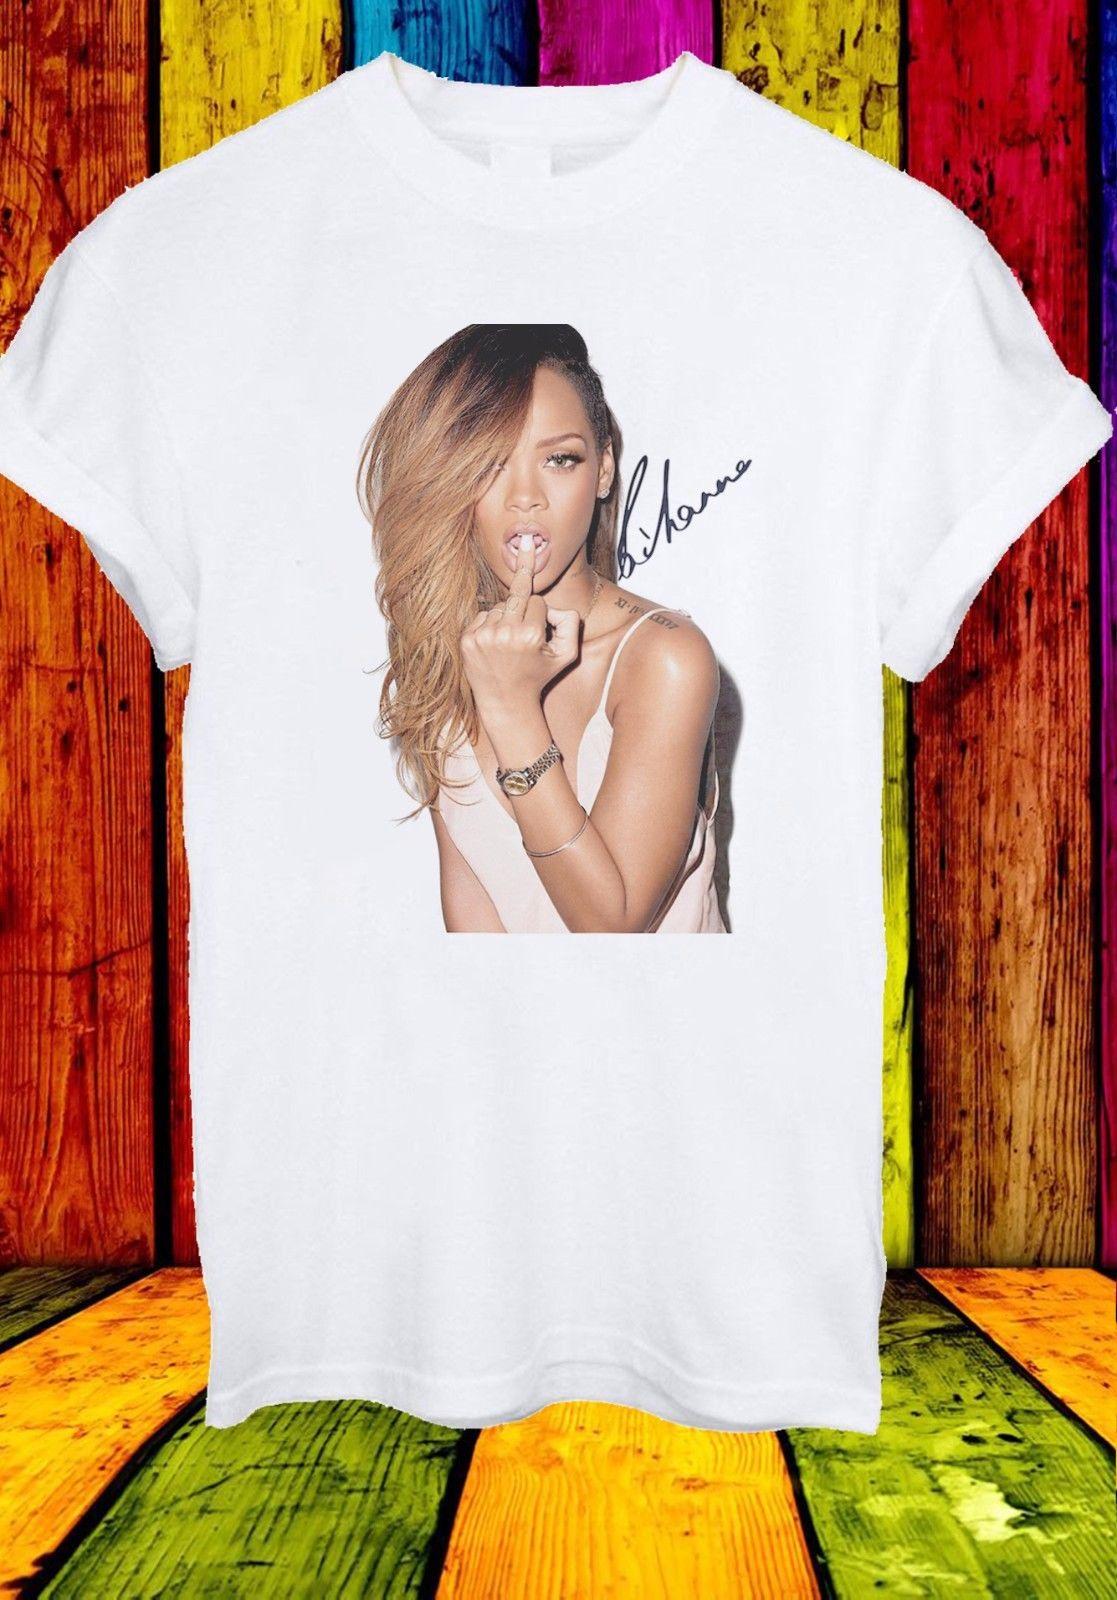 Camiseta Robyn Rihanna Fenty Con álbum de cantante de Barbados, camiseta Unisex, ropa de calle para hombre y mujer, camiseta de gimnasio de Hip-Hop